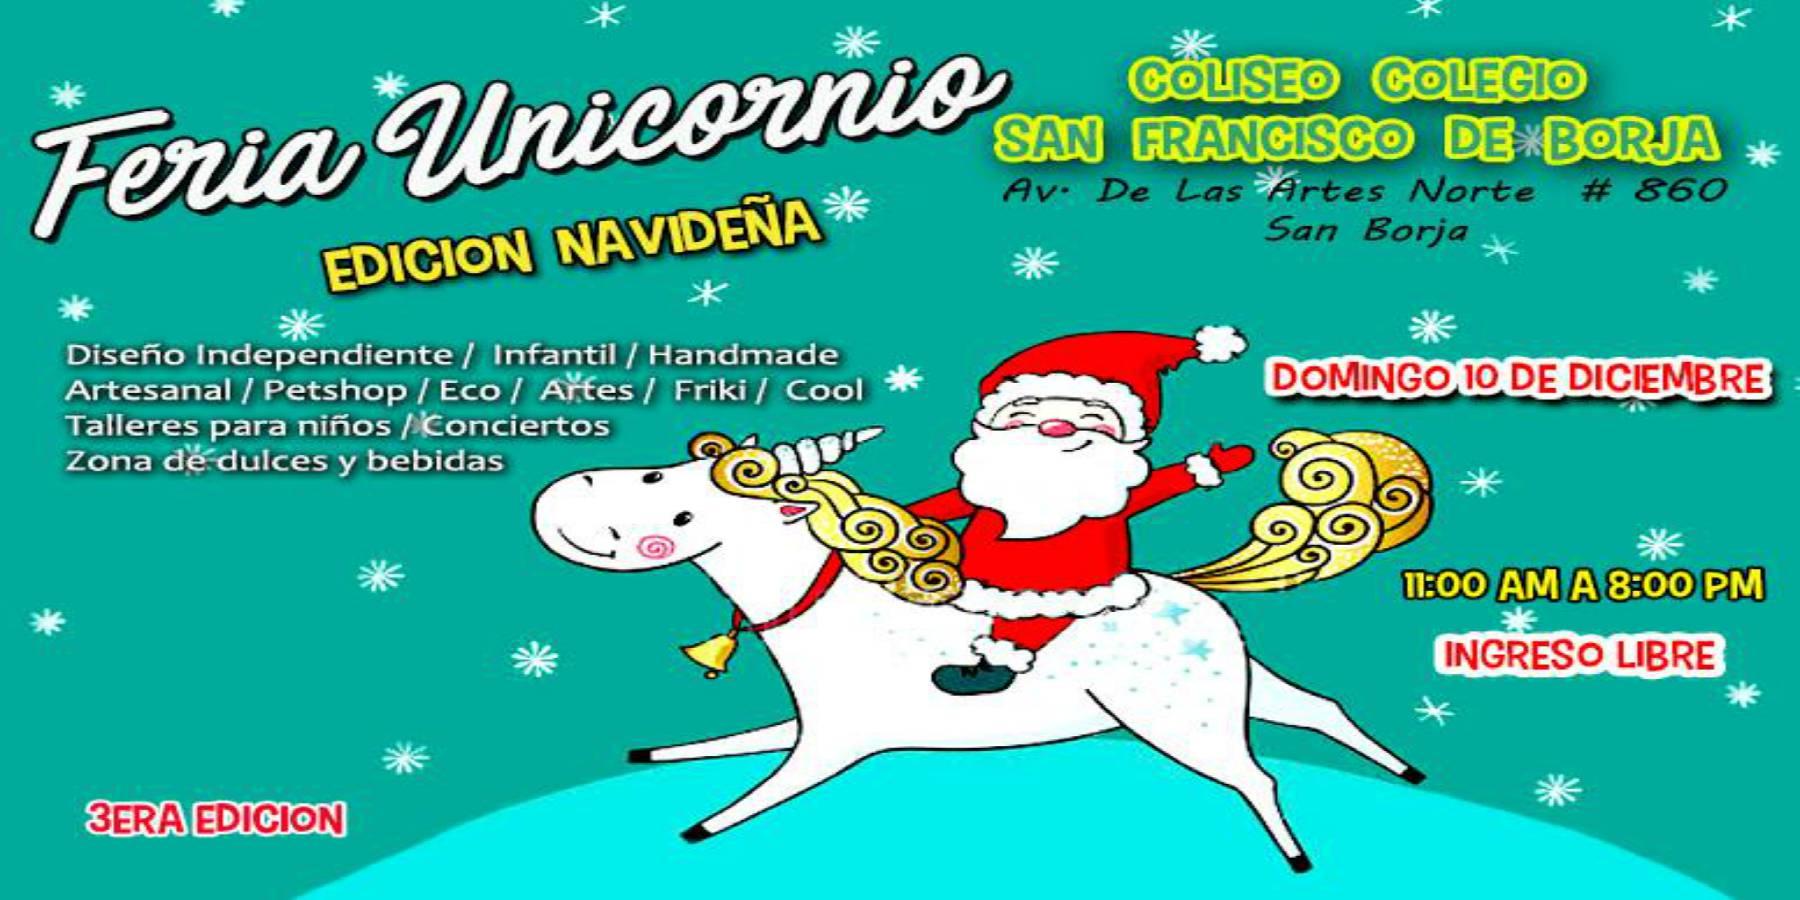 Feria Unicornio - 3era Edición Diciembre